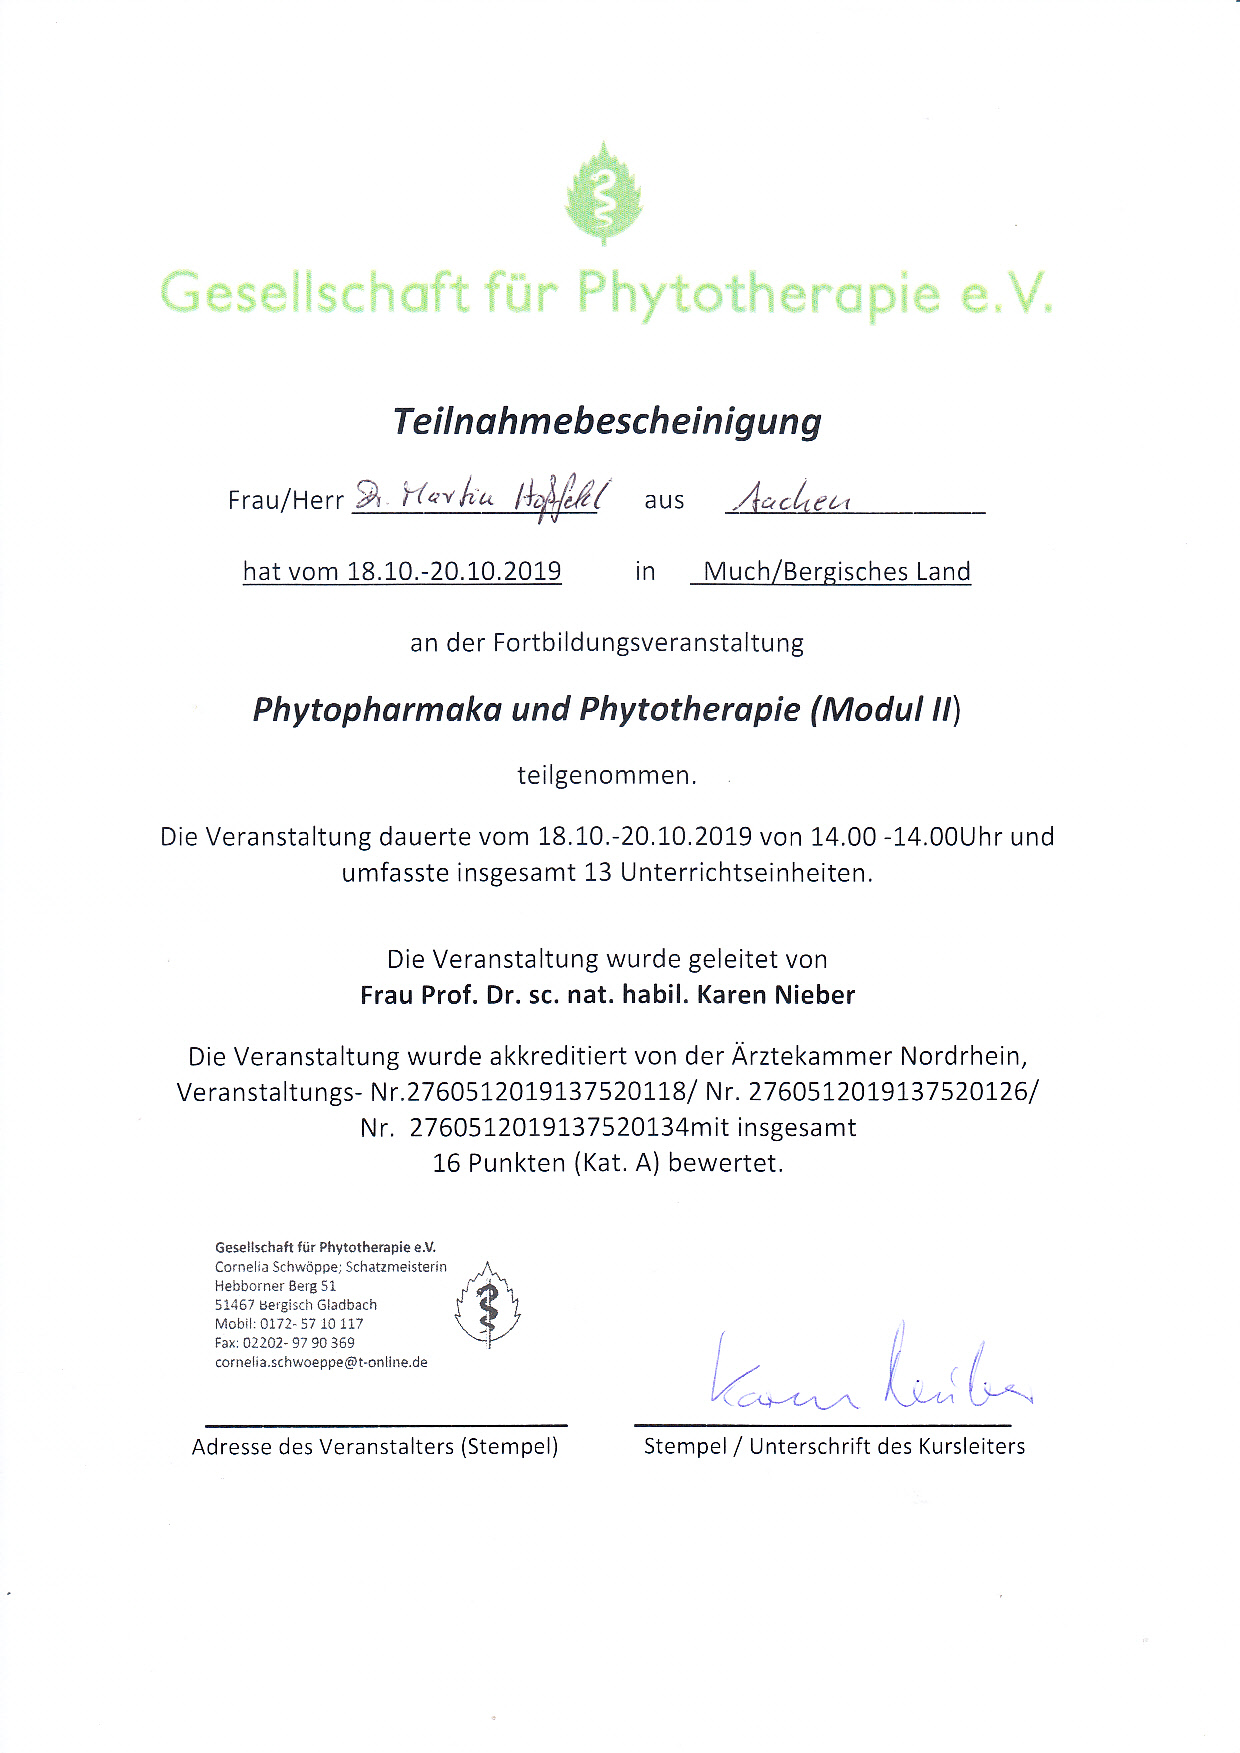 Teilnahme GPT Fortbildung Phytotherapie II Much Ok